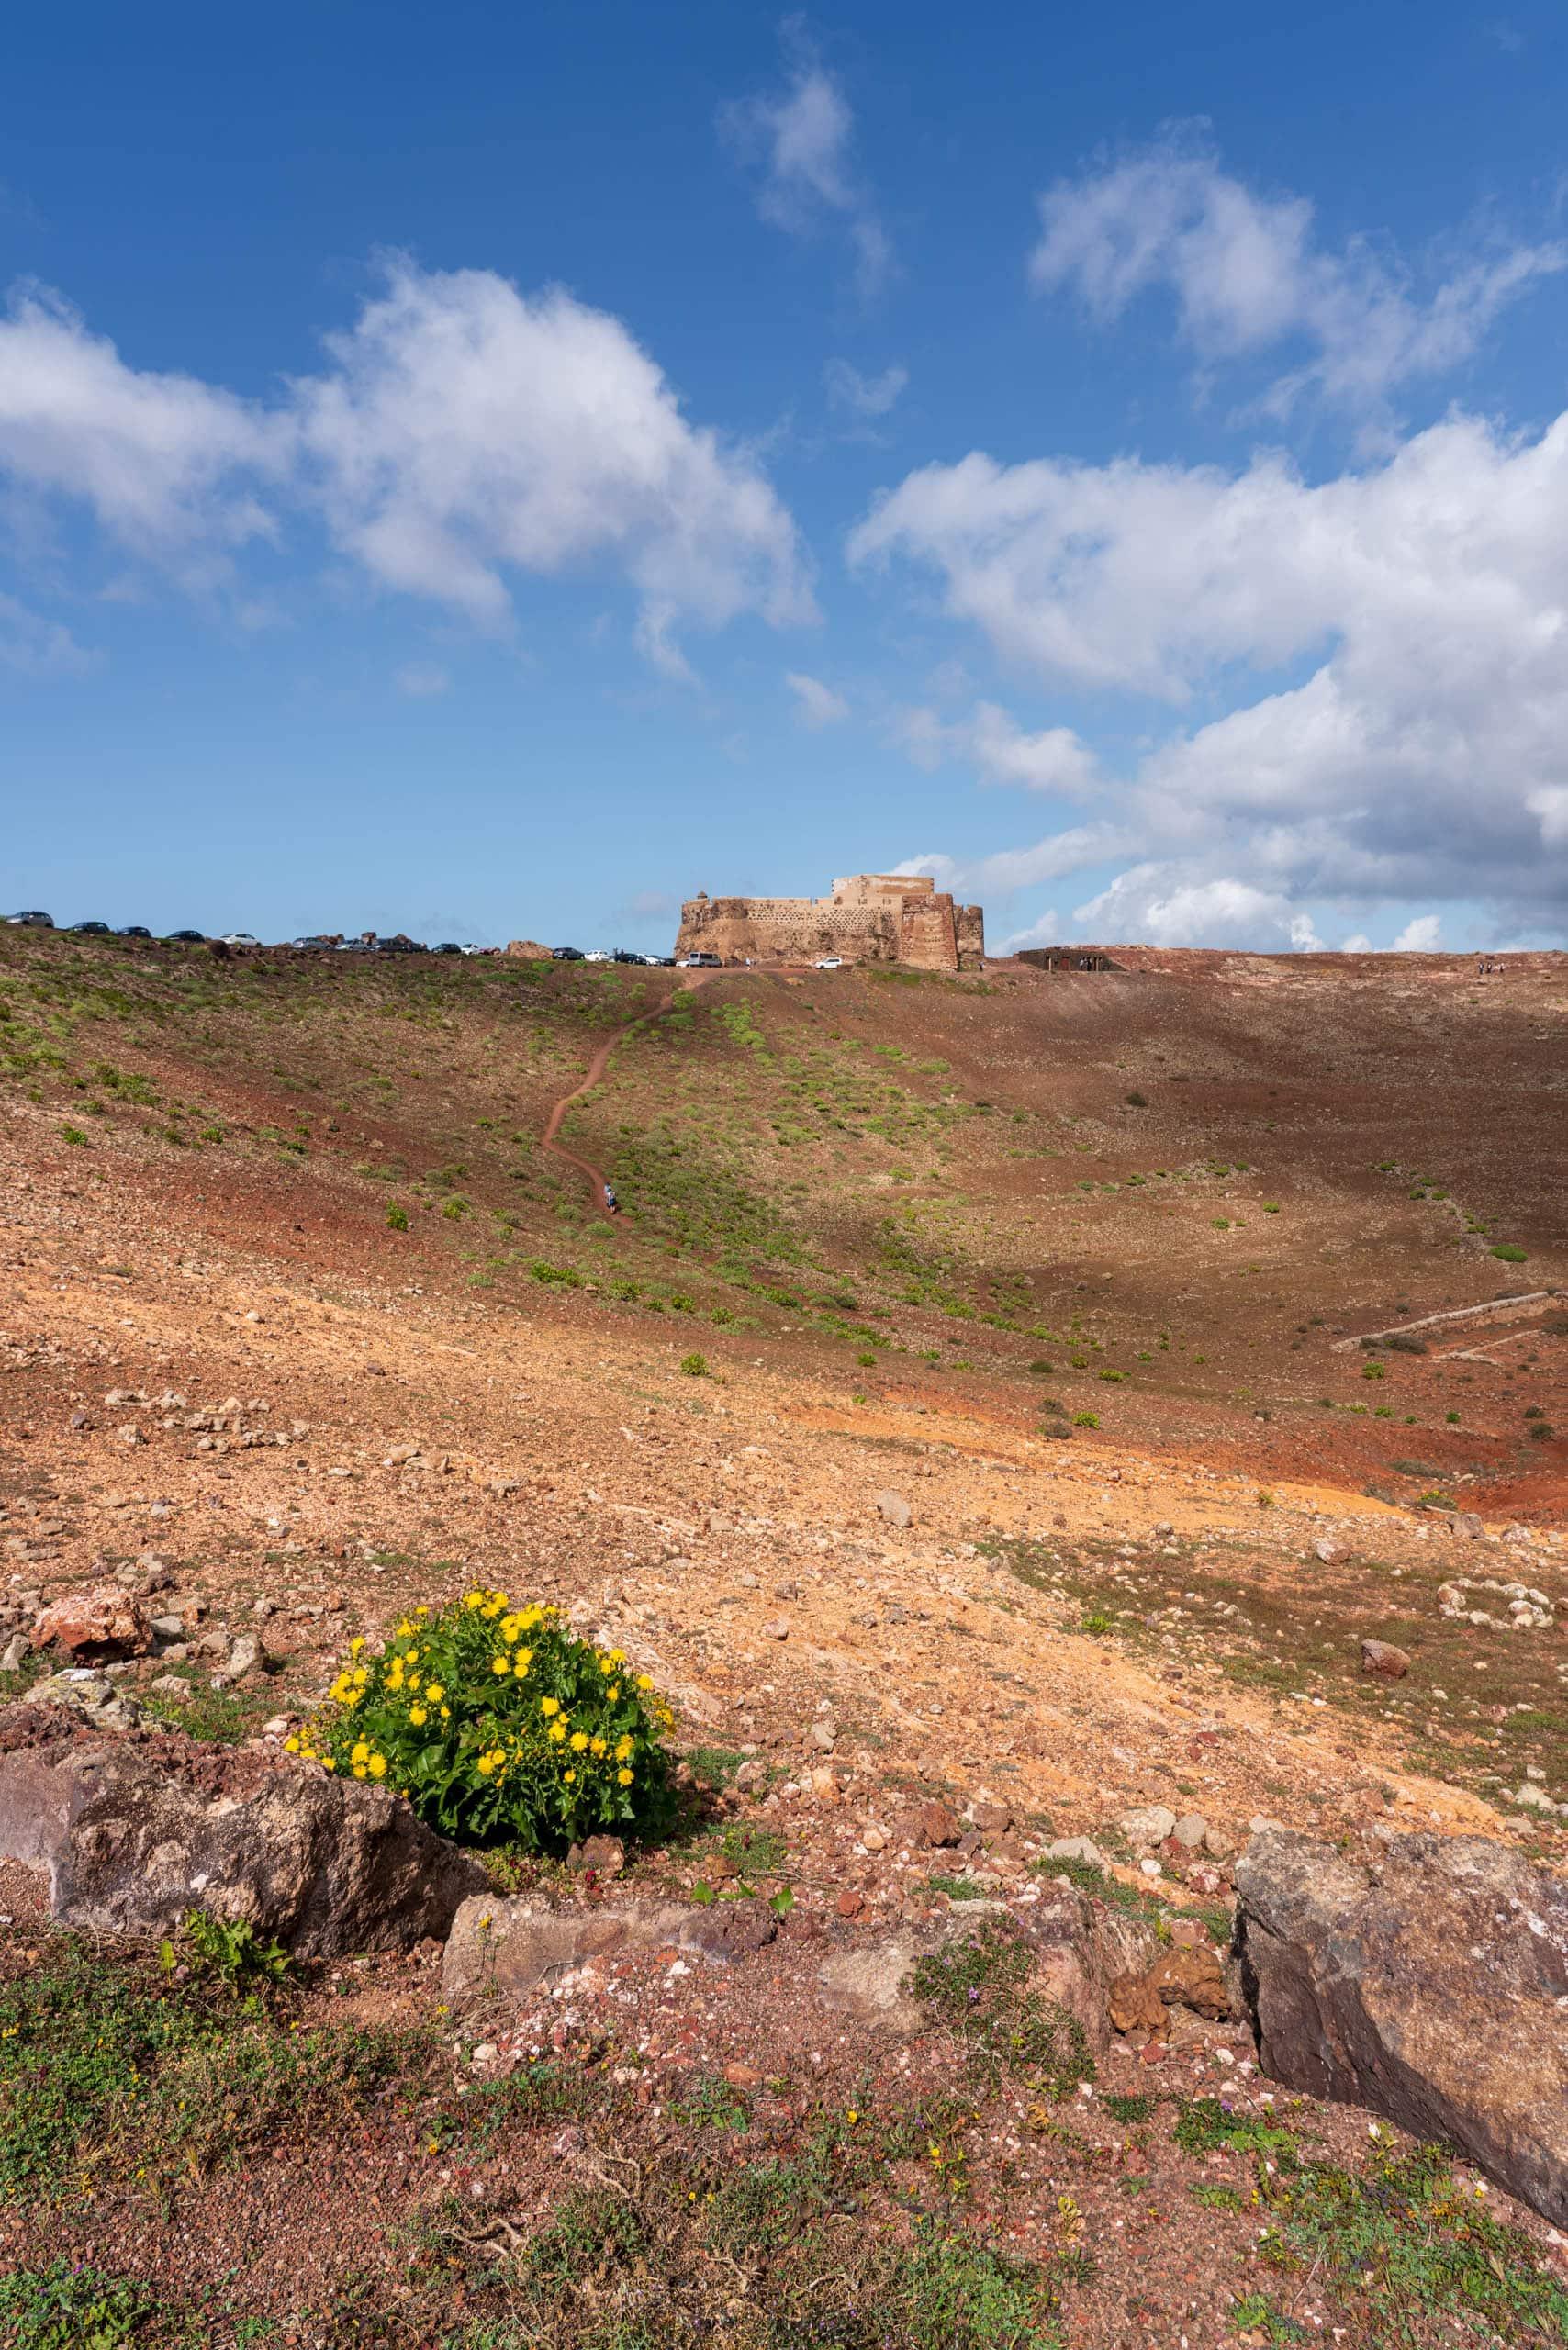 Castillo de Santa Barbara view no2 | f/13 1/160sec ISO-100 24mm  | ILCE-7RM3 | 2019-01-27 13:15:15